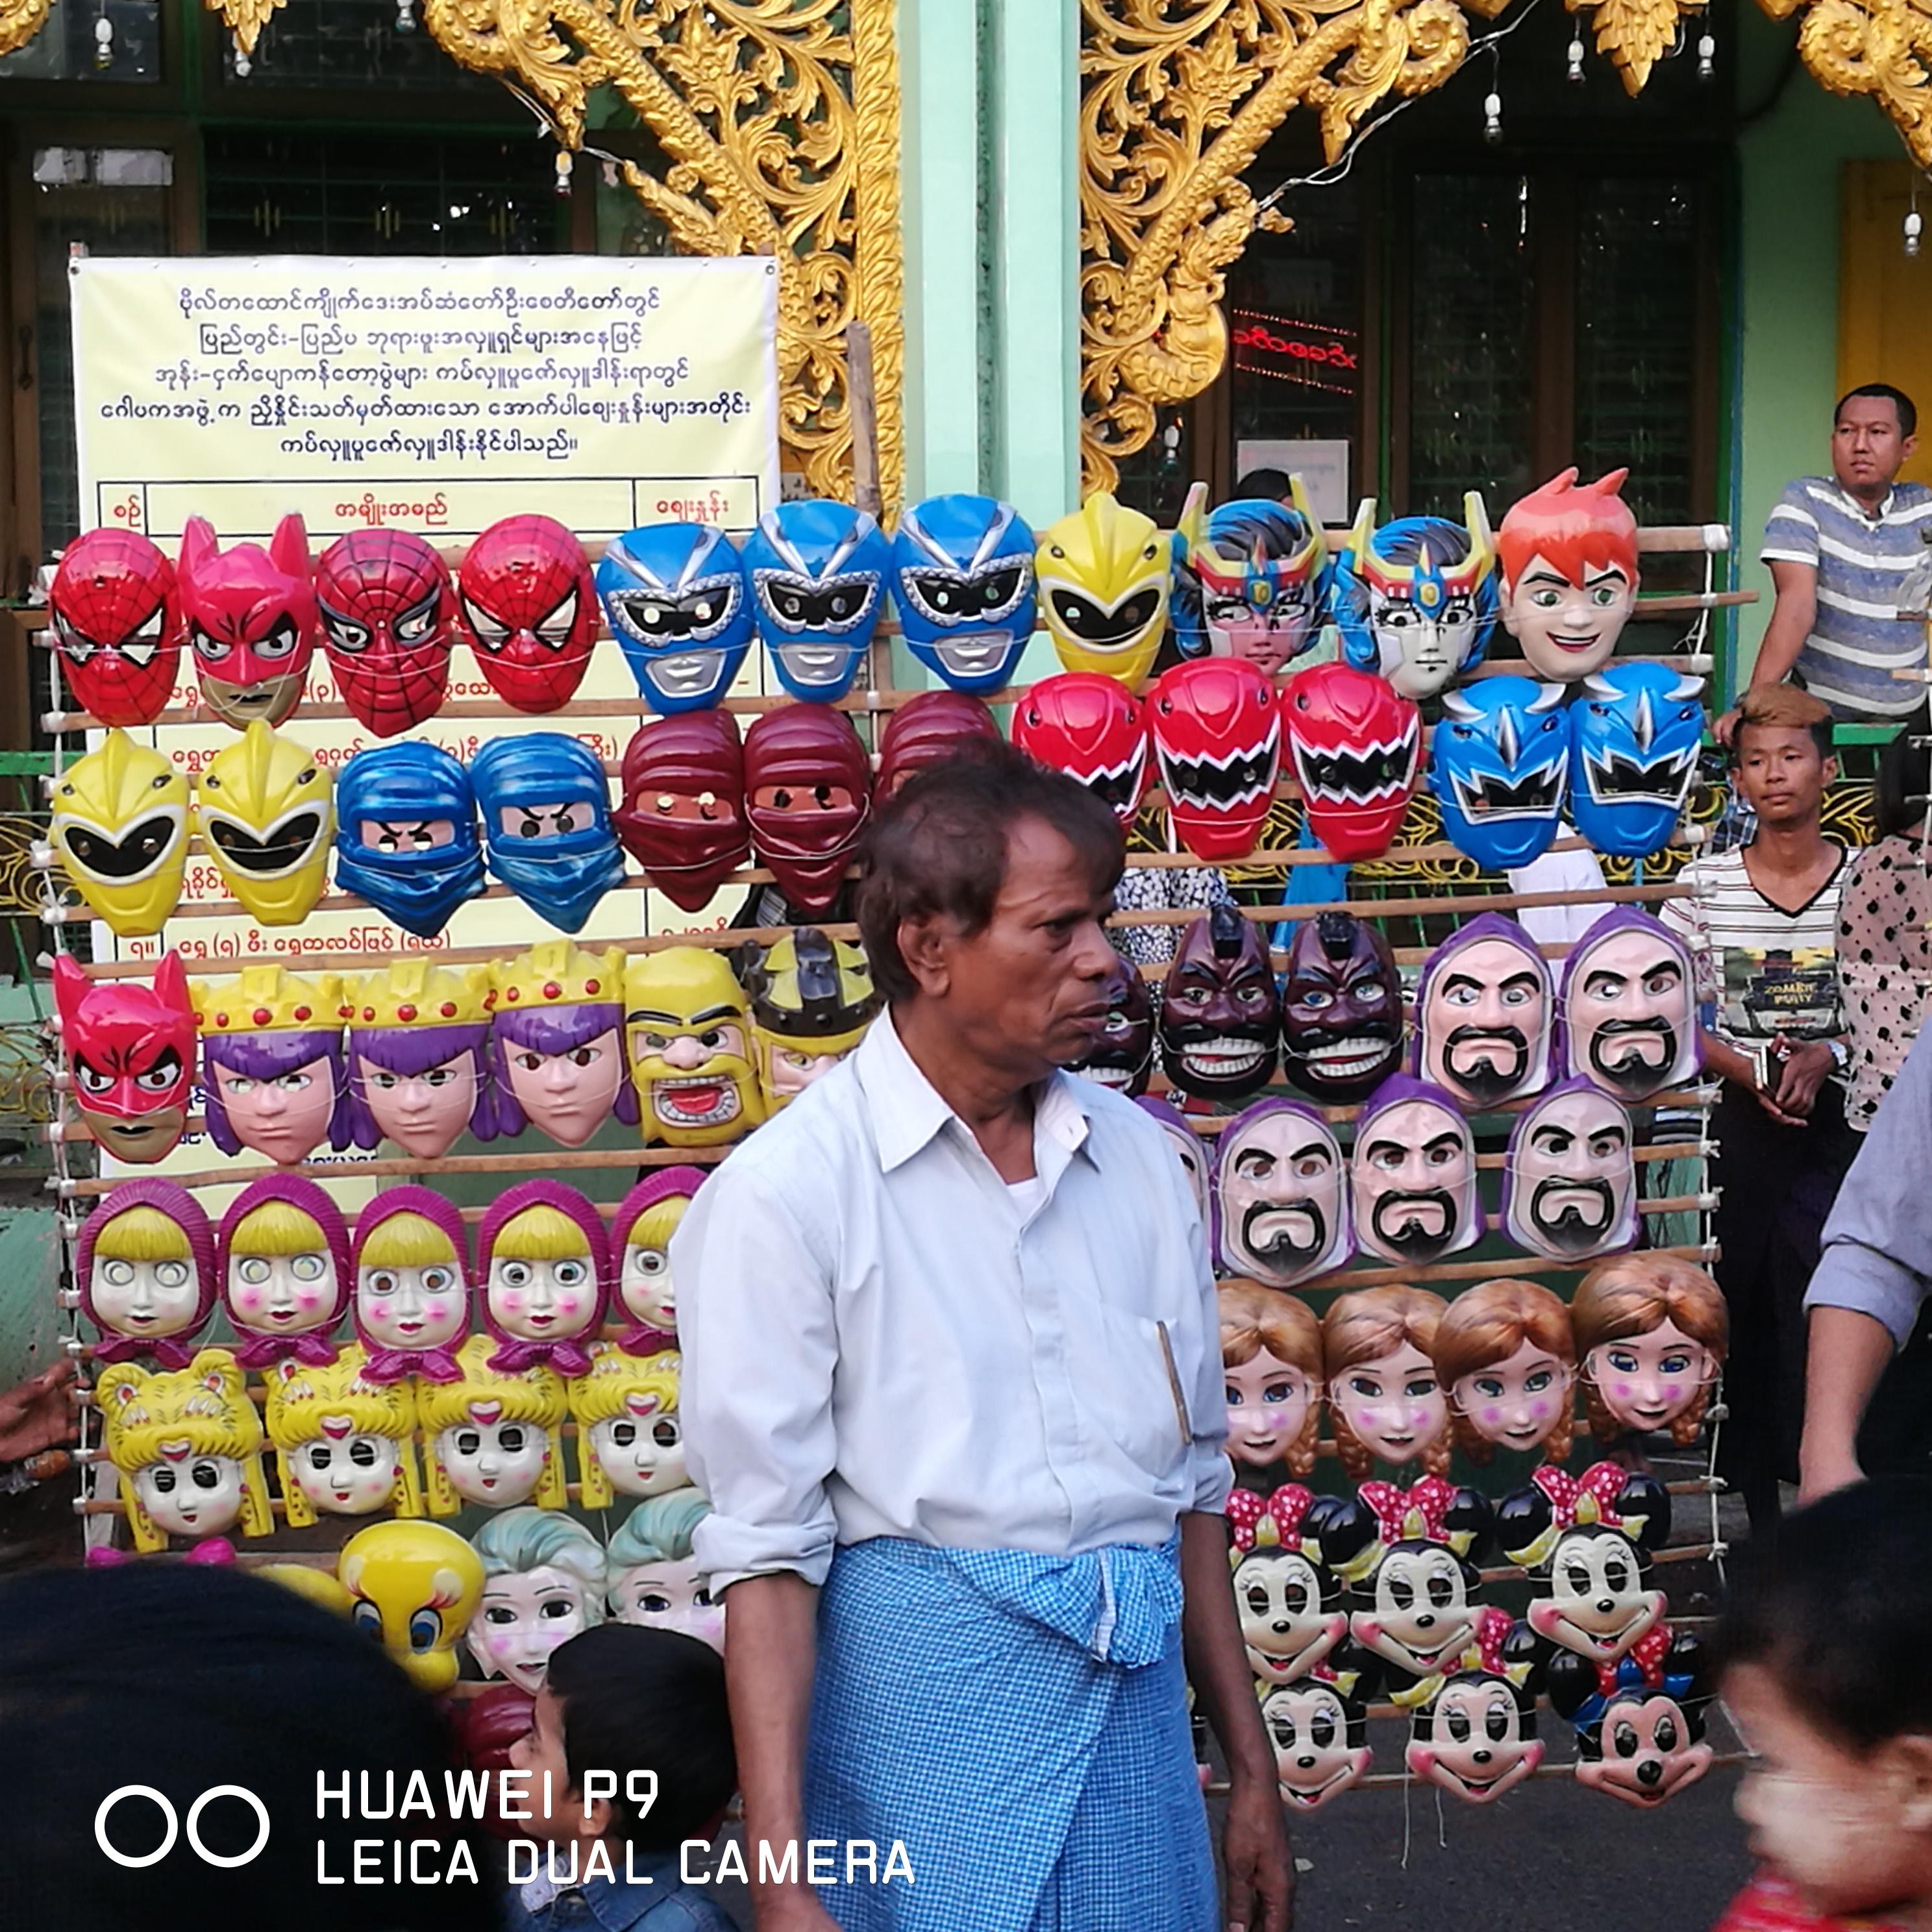 ミャンマーでのマーケット拡大に際しての正解